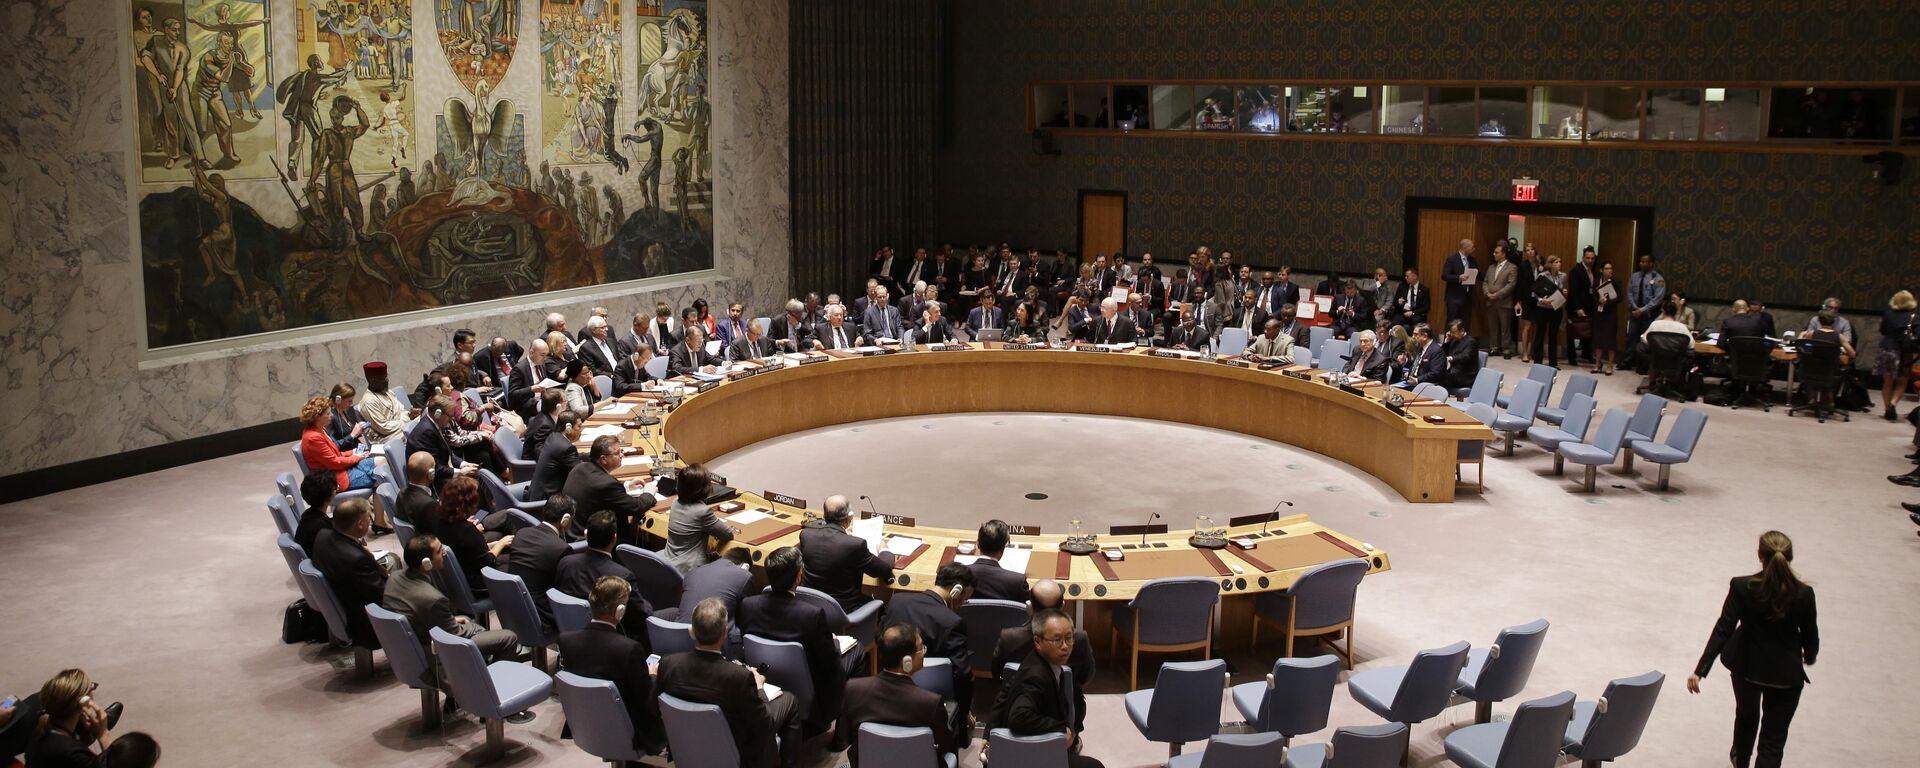 Consiglio di sicurezza dell'ONU - Sputnik Italia, 1920, 30.08.2021